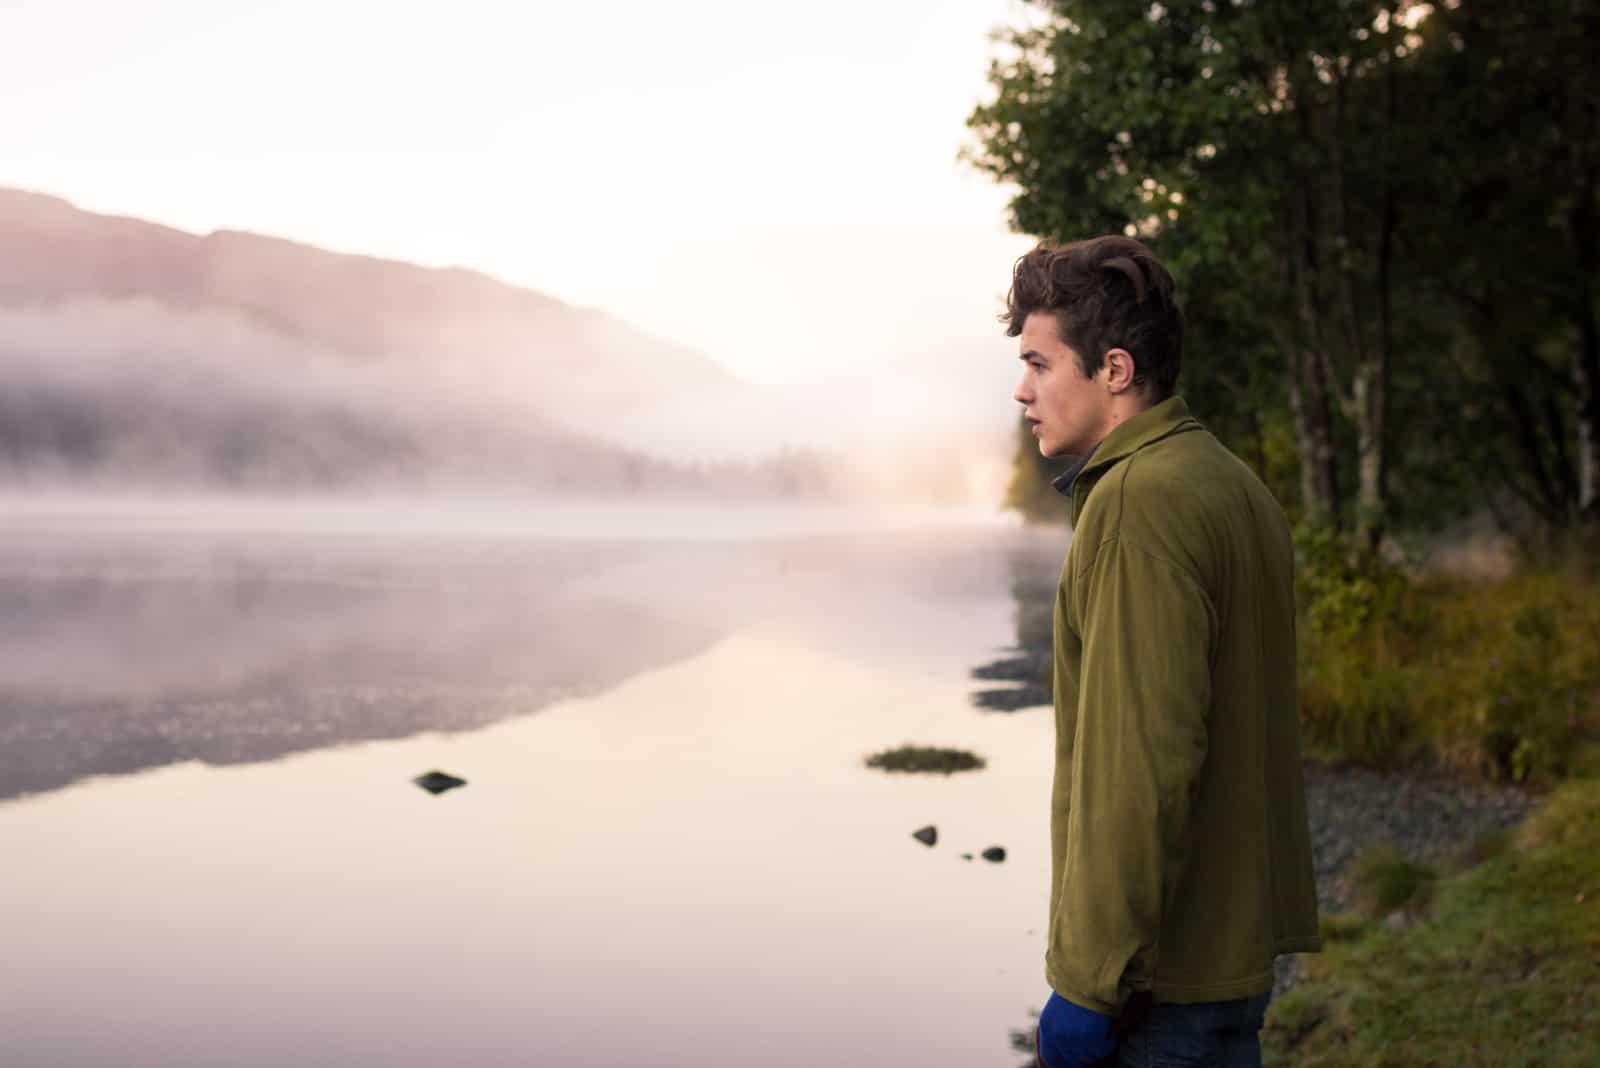 homme en veste verte debout près d'un lac